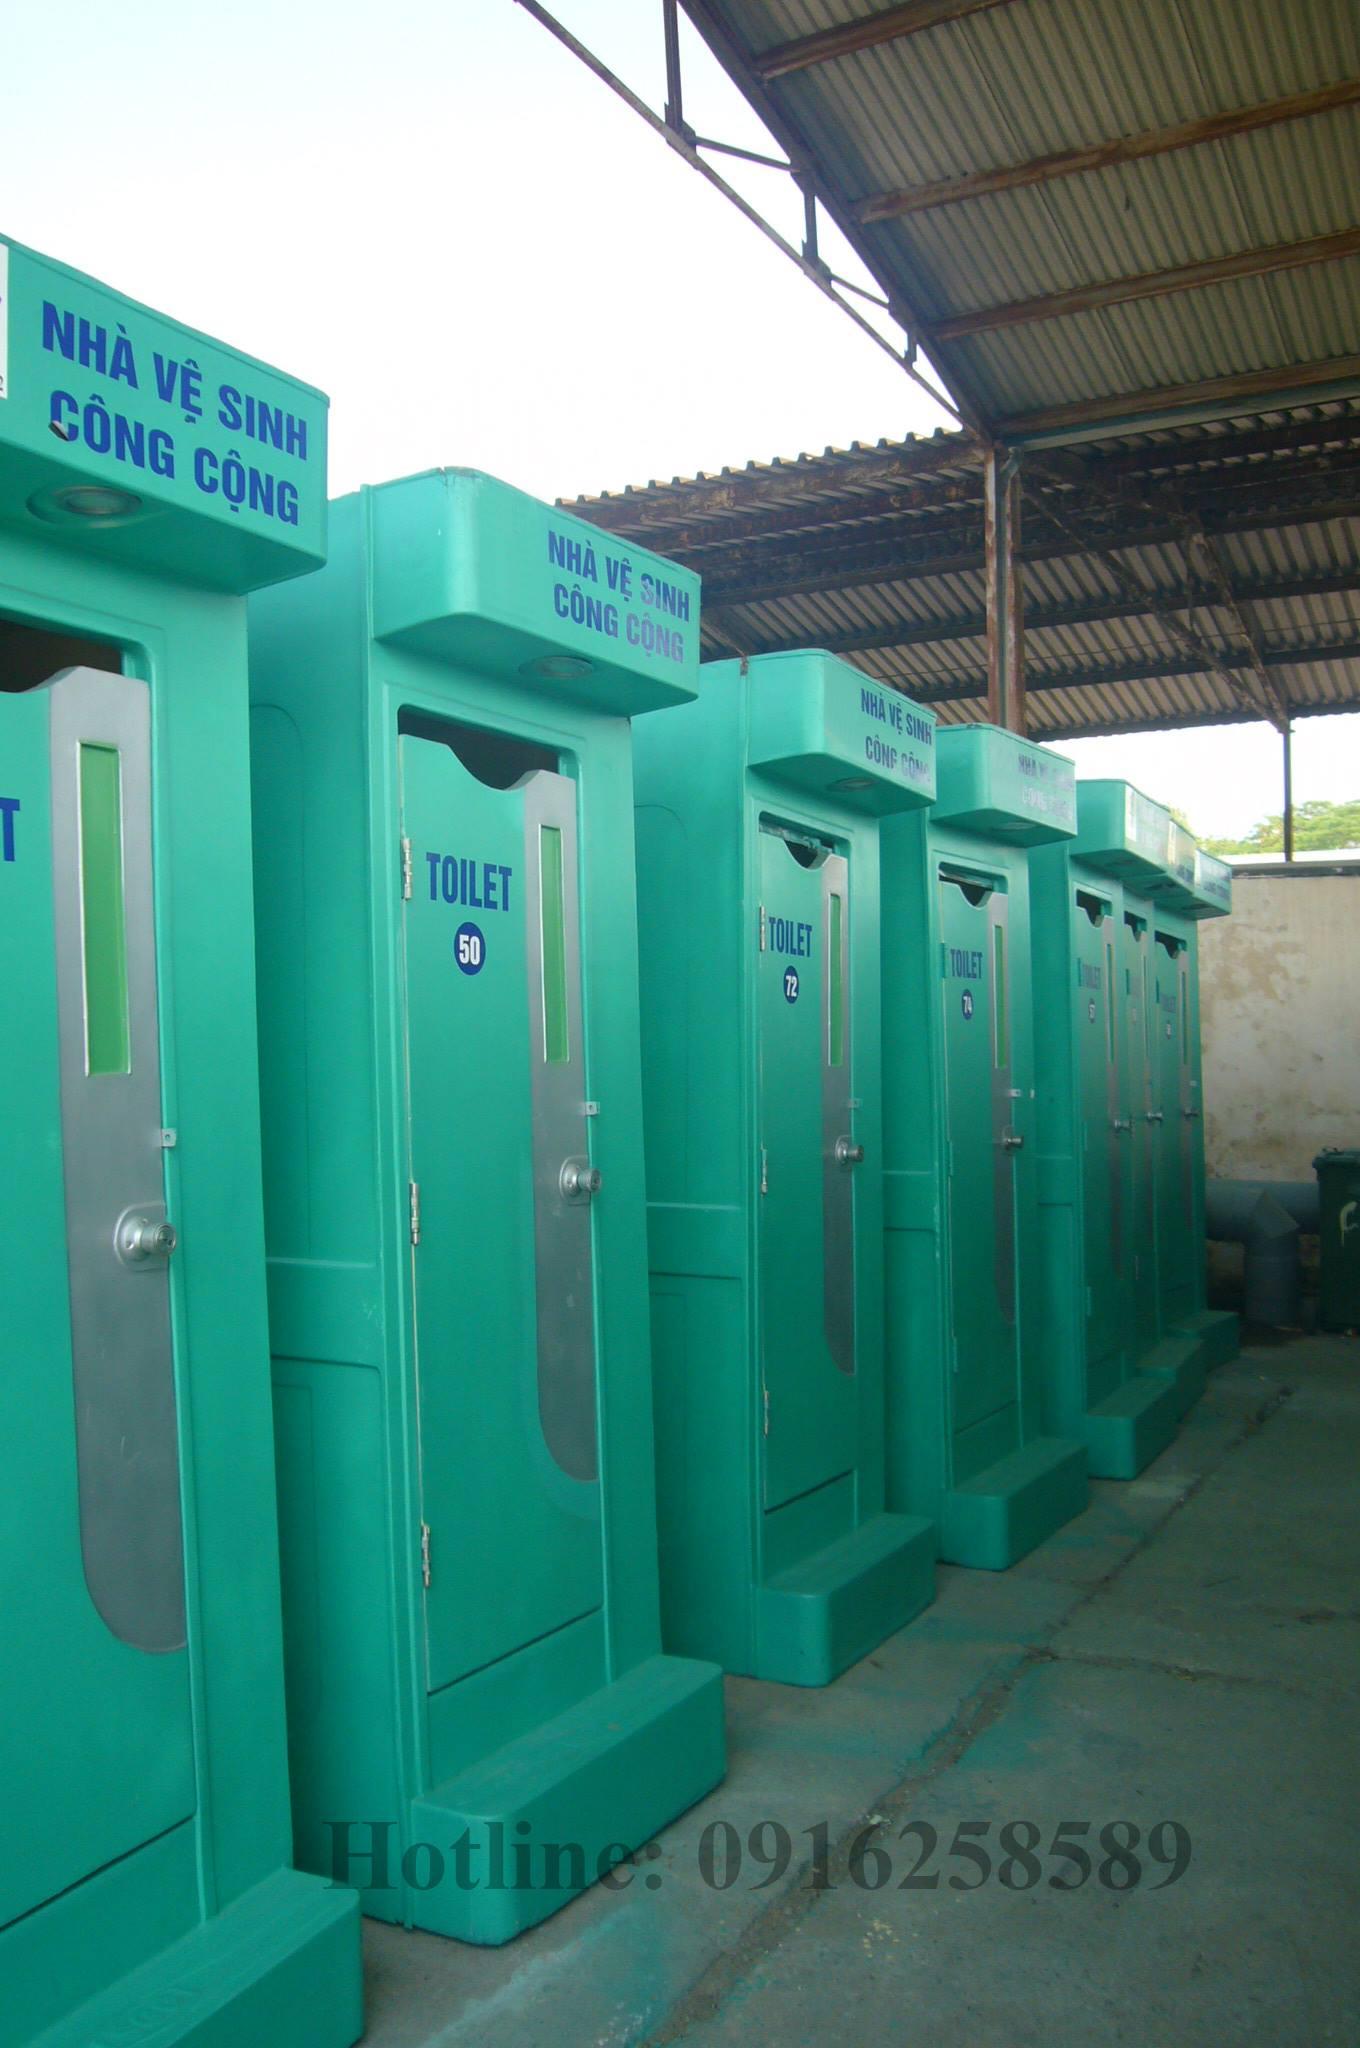 Nhà vệ sinh di động sẵn sàng cho thuê